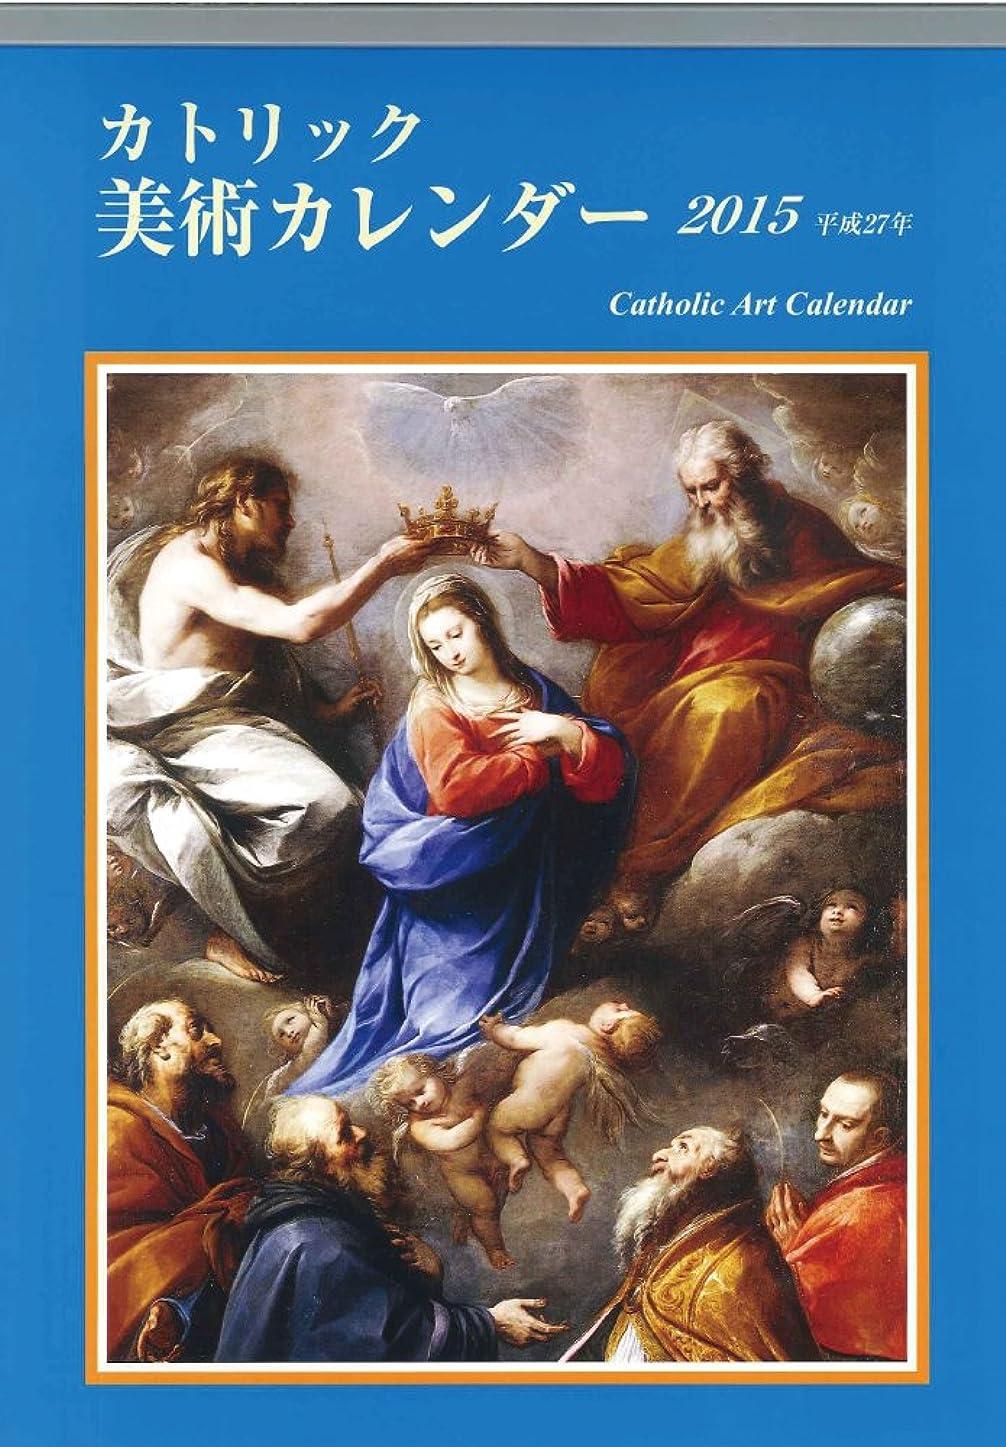 来て罪悪感座るカトリック美術カレンダー2015